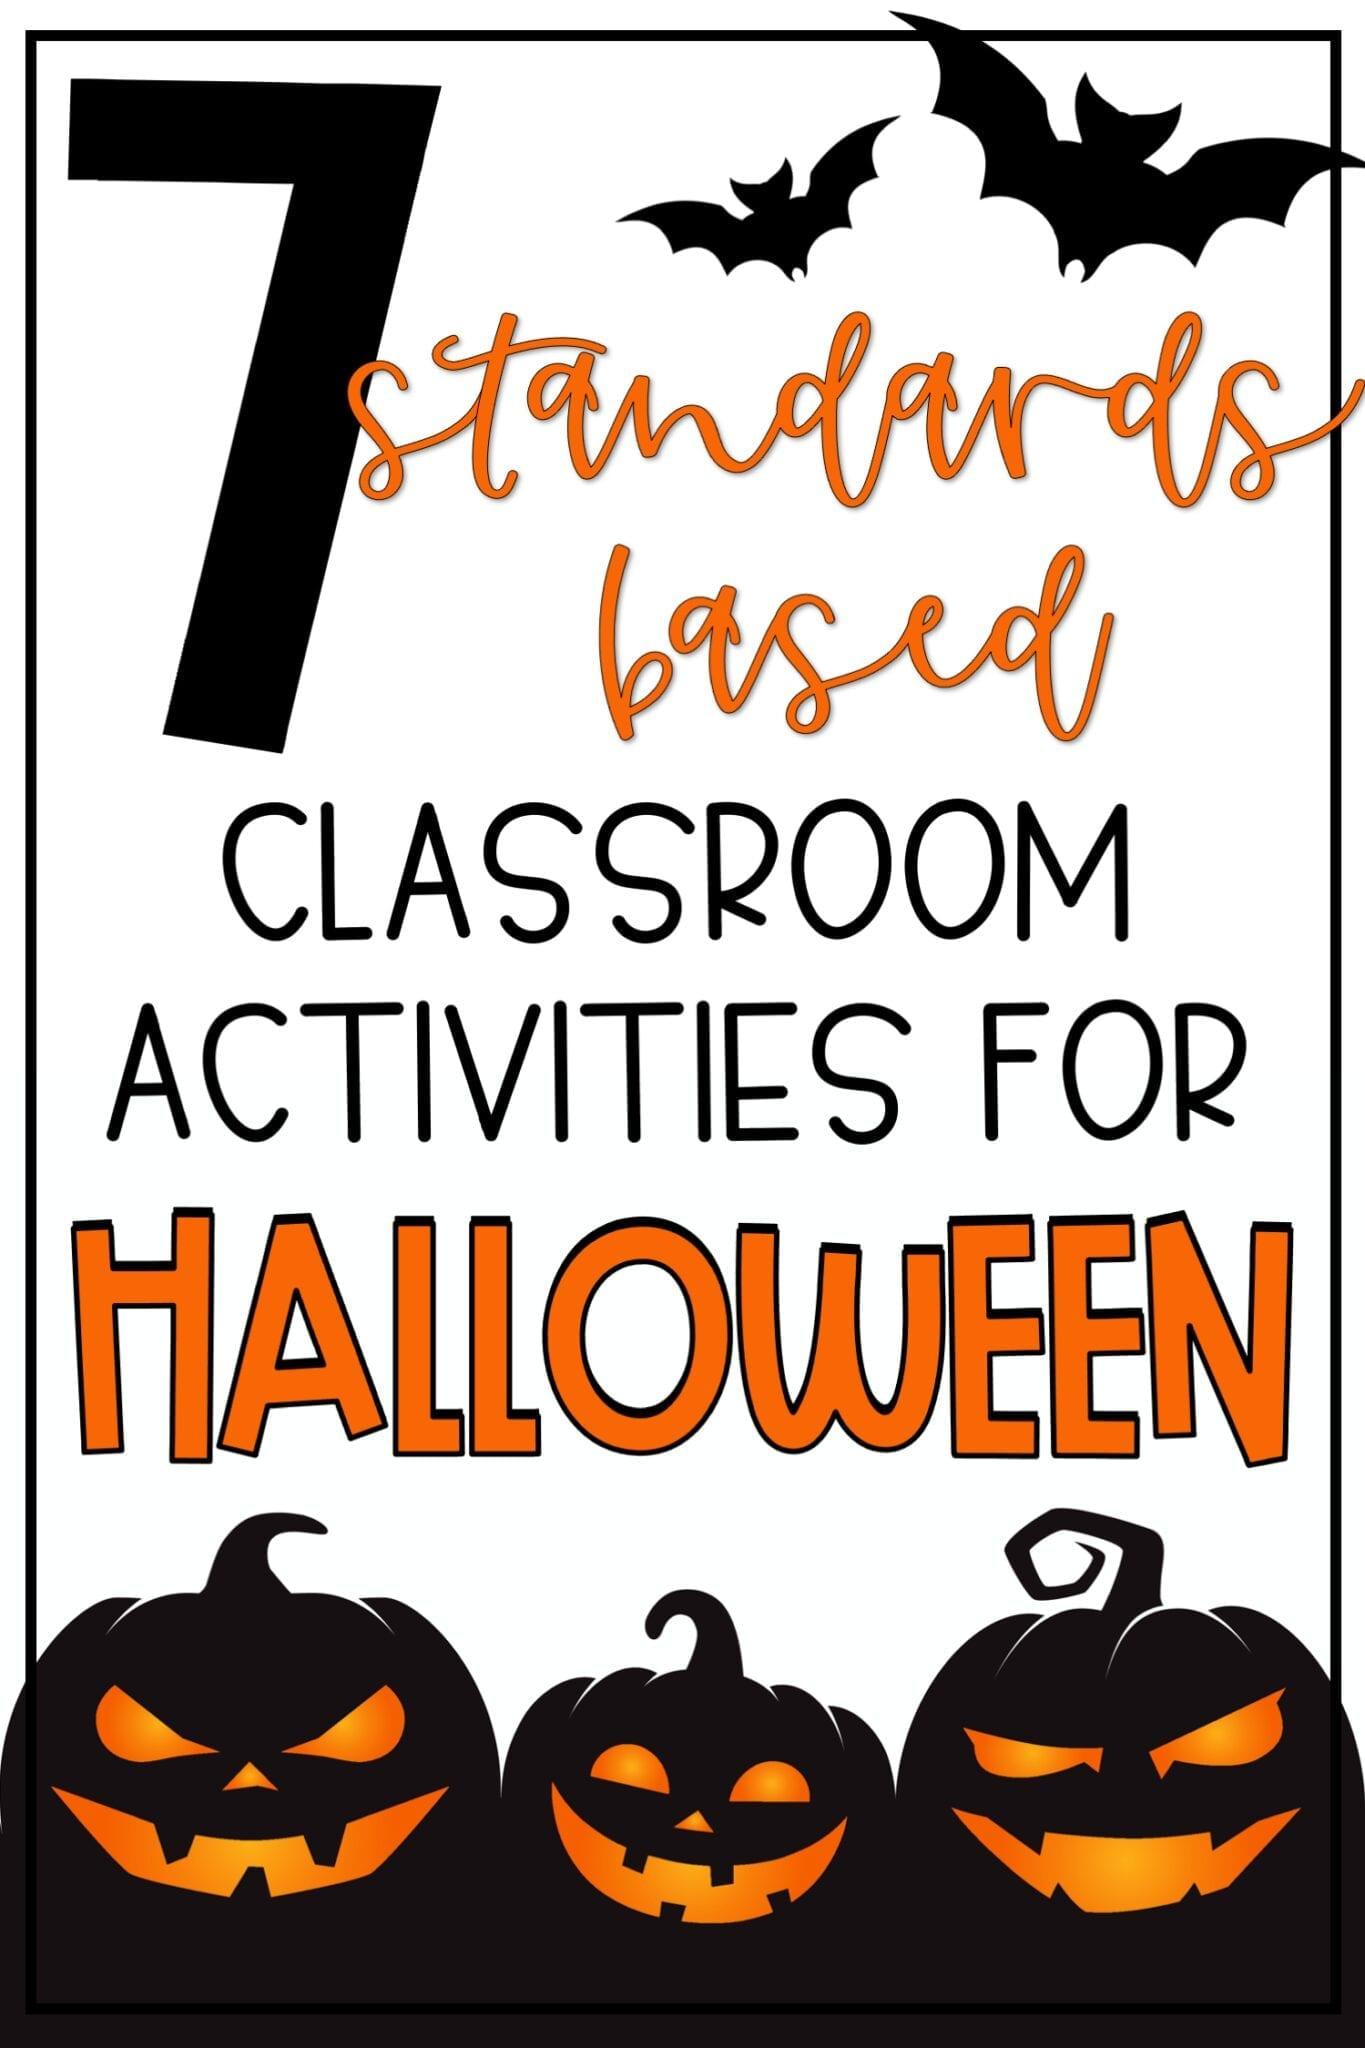 Upper Elementary Classroom Activities for Halloween